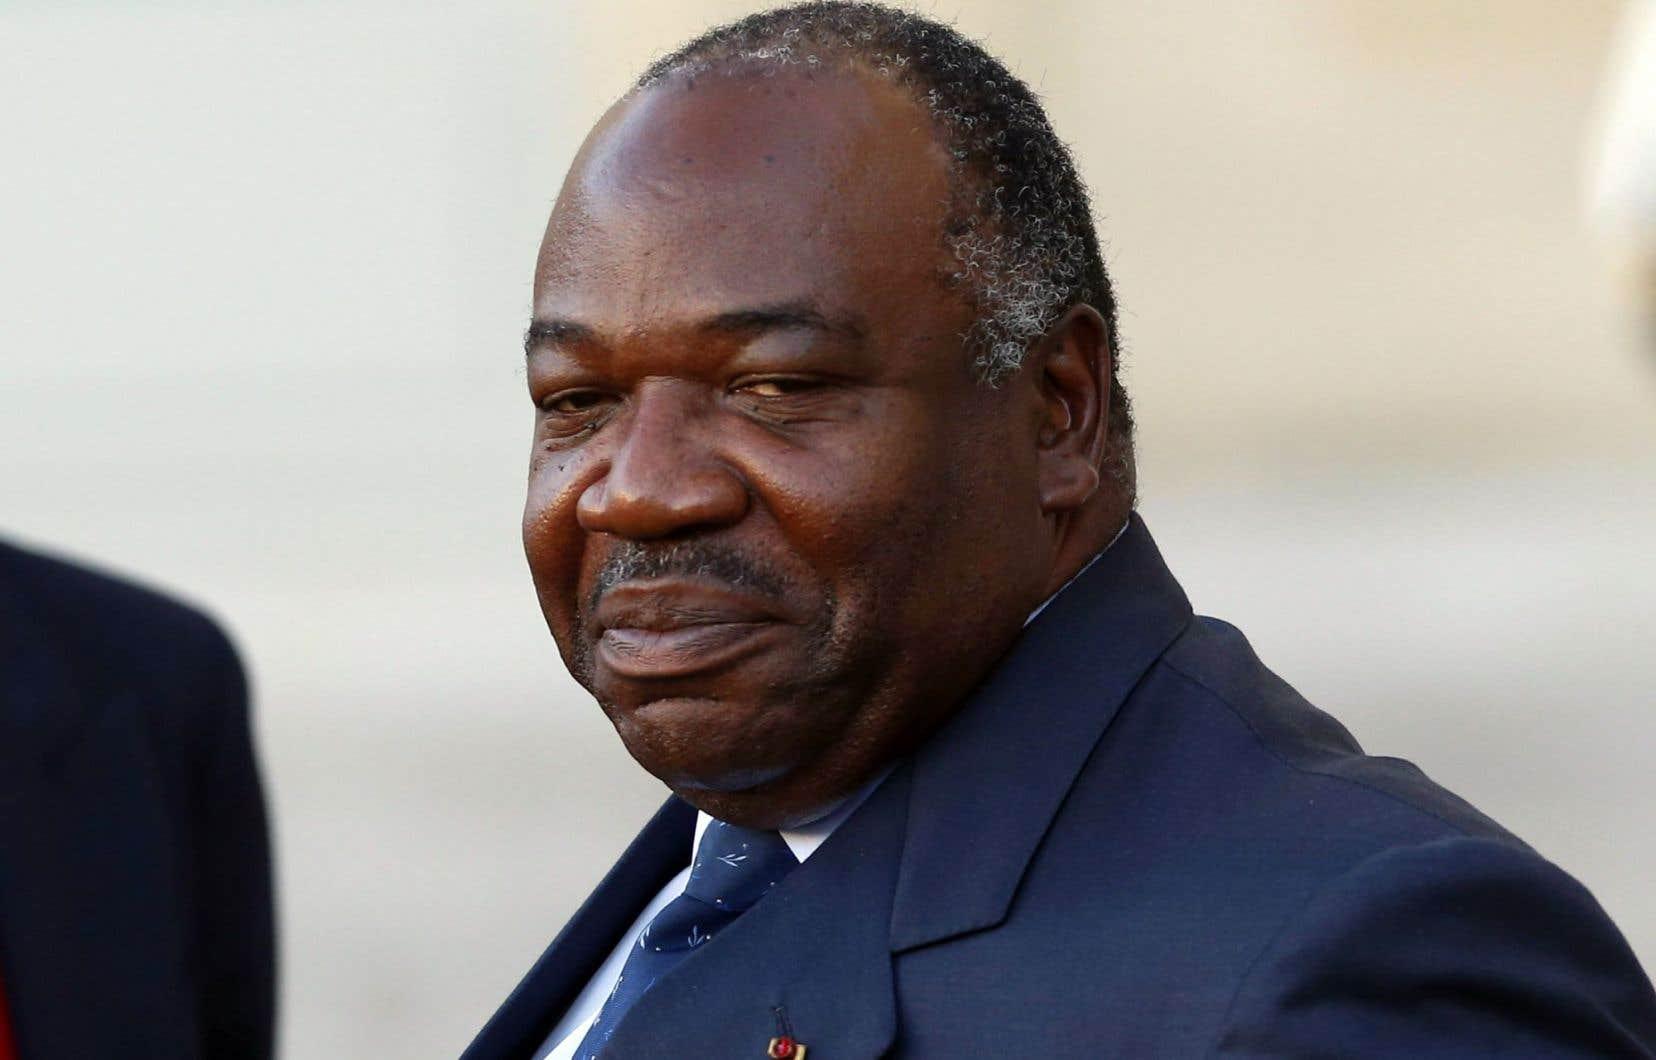 Ali Bongo a été élu avec 172990 voix (50,66%) devant Jean Ping (161287 voix, 47,24%), selon la Cour constitutionnelle.